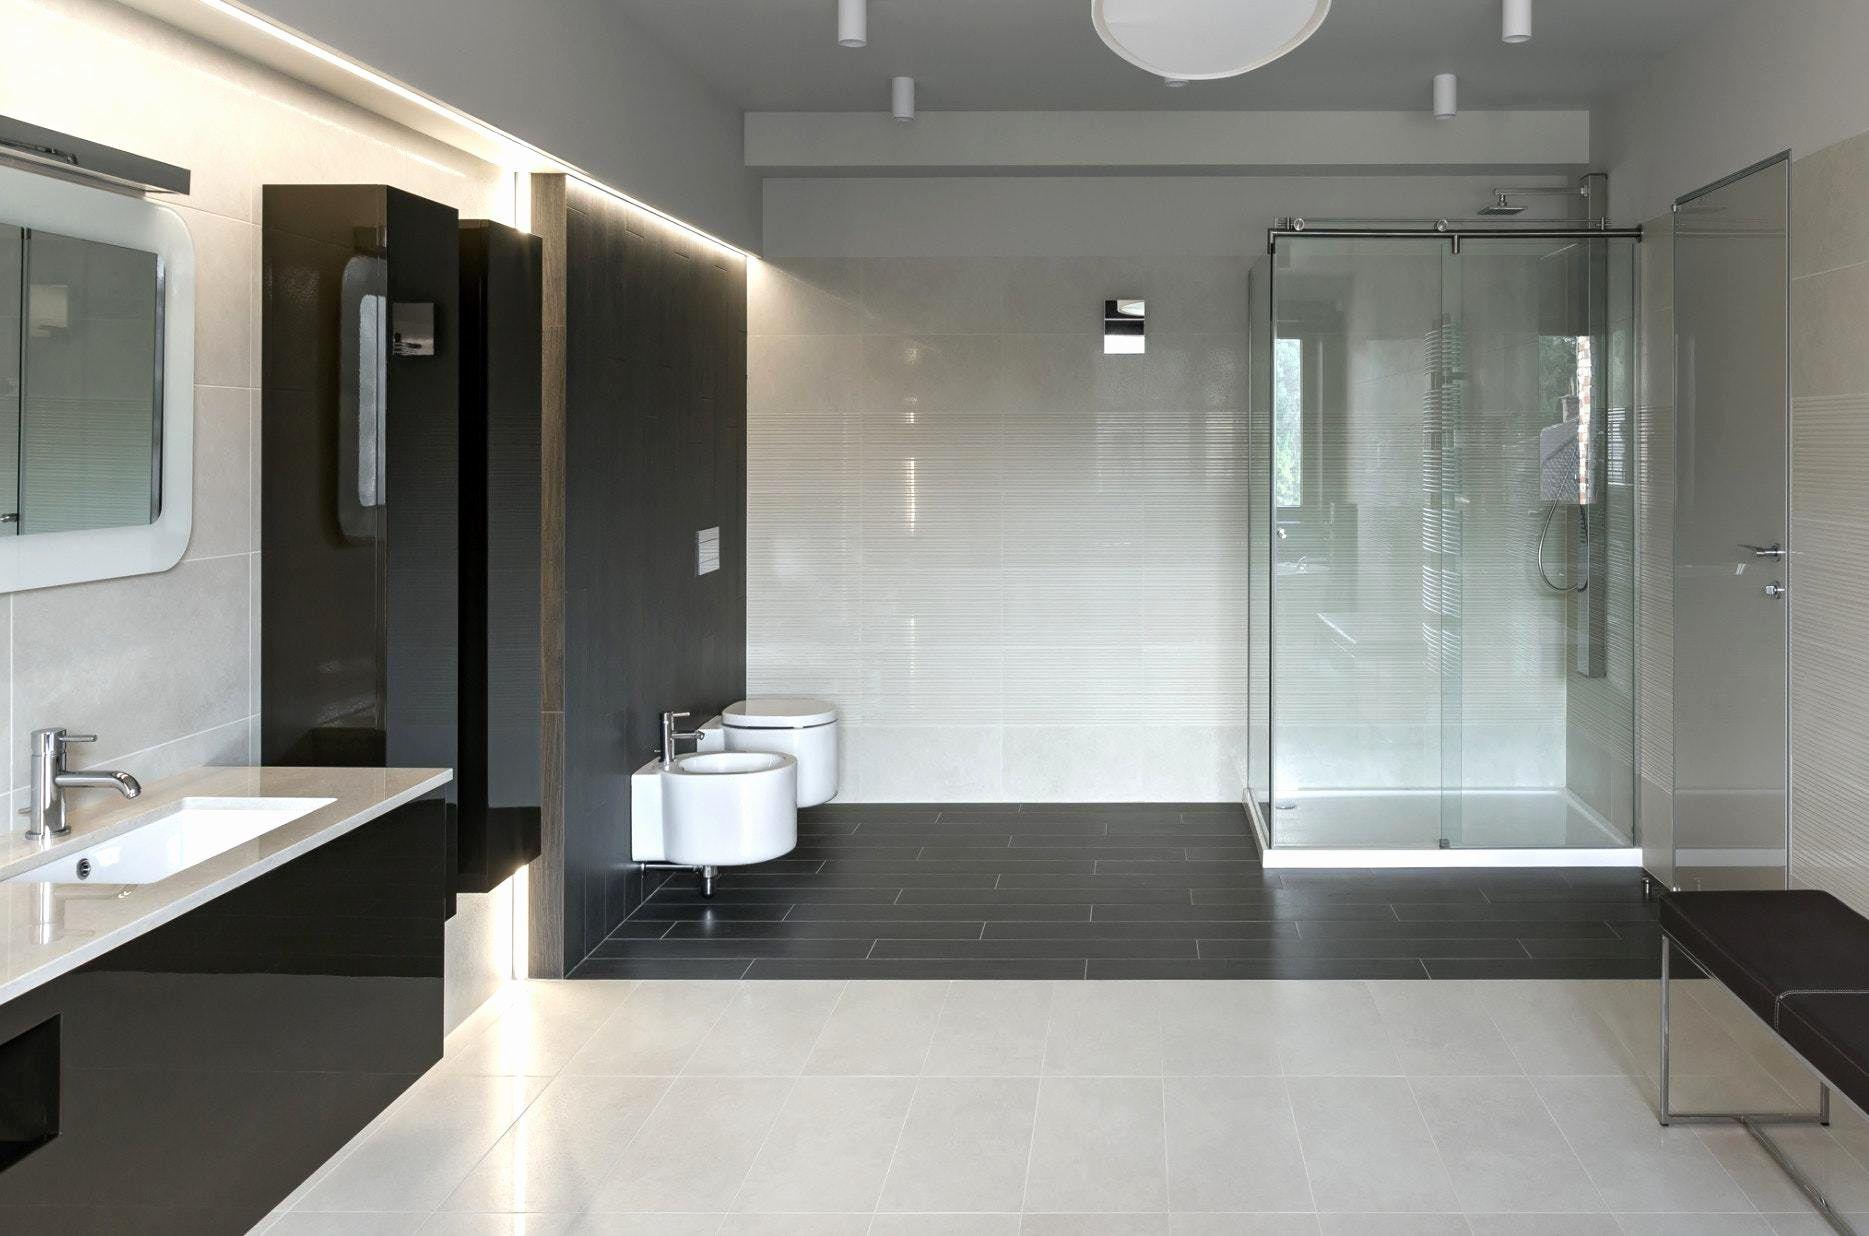 10 Badezimmer Schwarz Weiss Schon Badezimmer Schwarze Fliesen Eintagamsee Badezimmer Fliesen Badezimmer Schwarz Badezimmer Planen